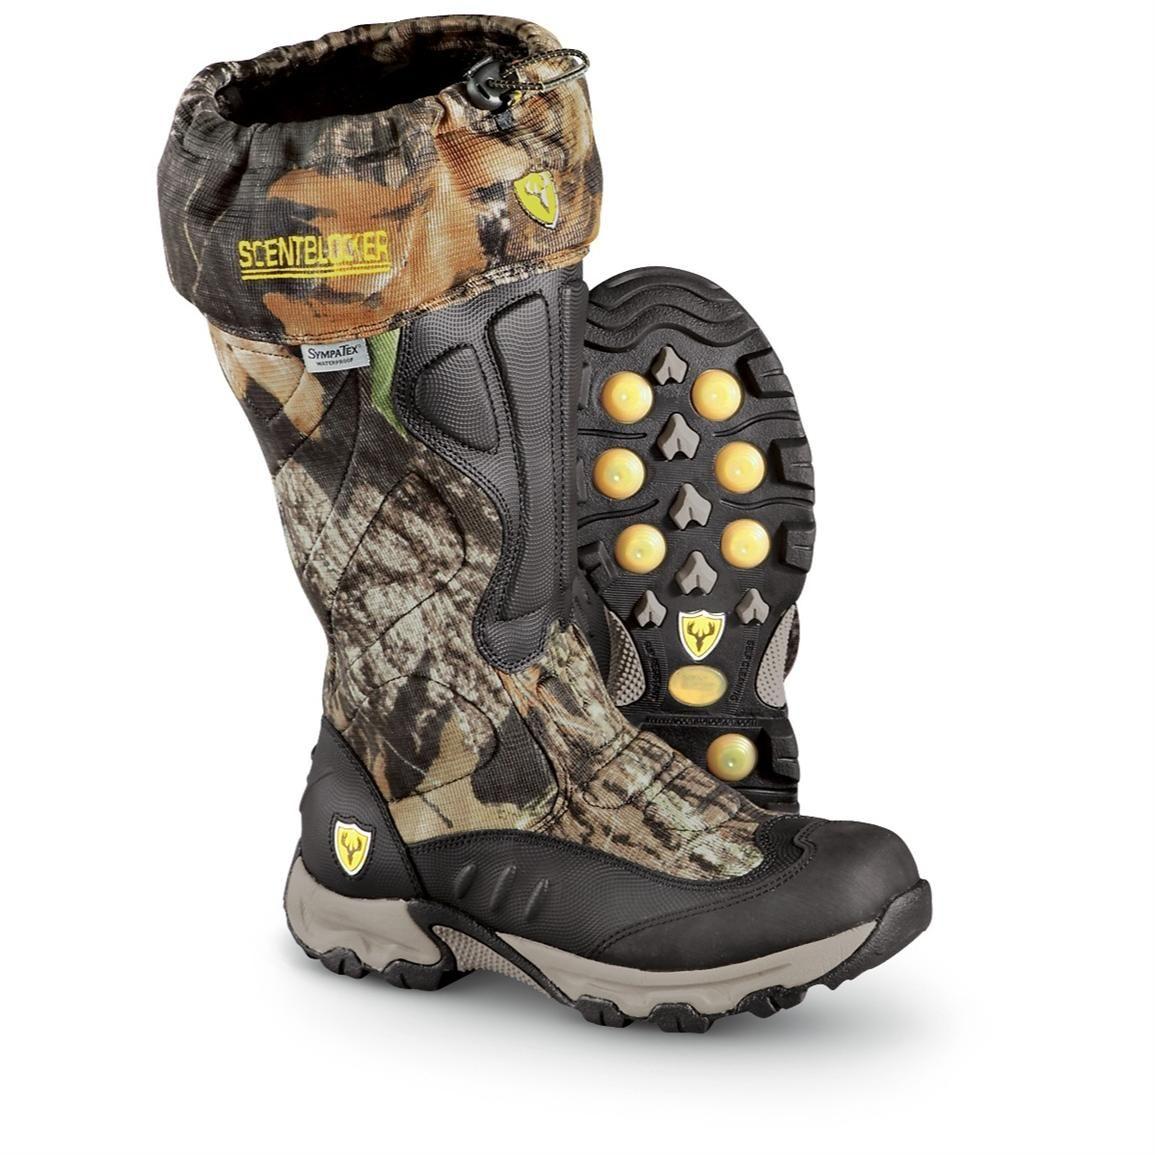 Scentblocker Dream Season Waterproof Knee Boots Mossy Oak